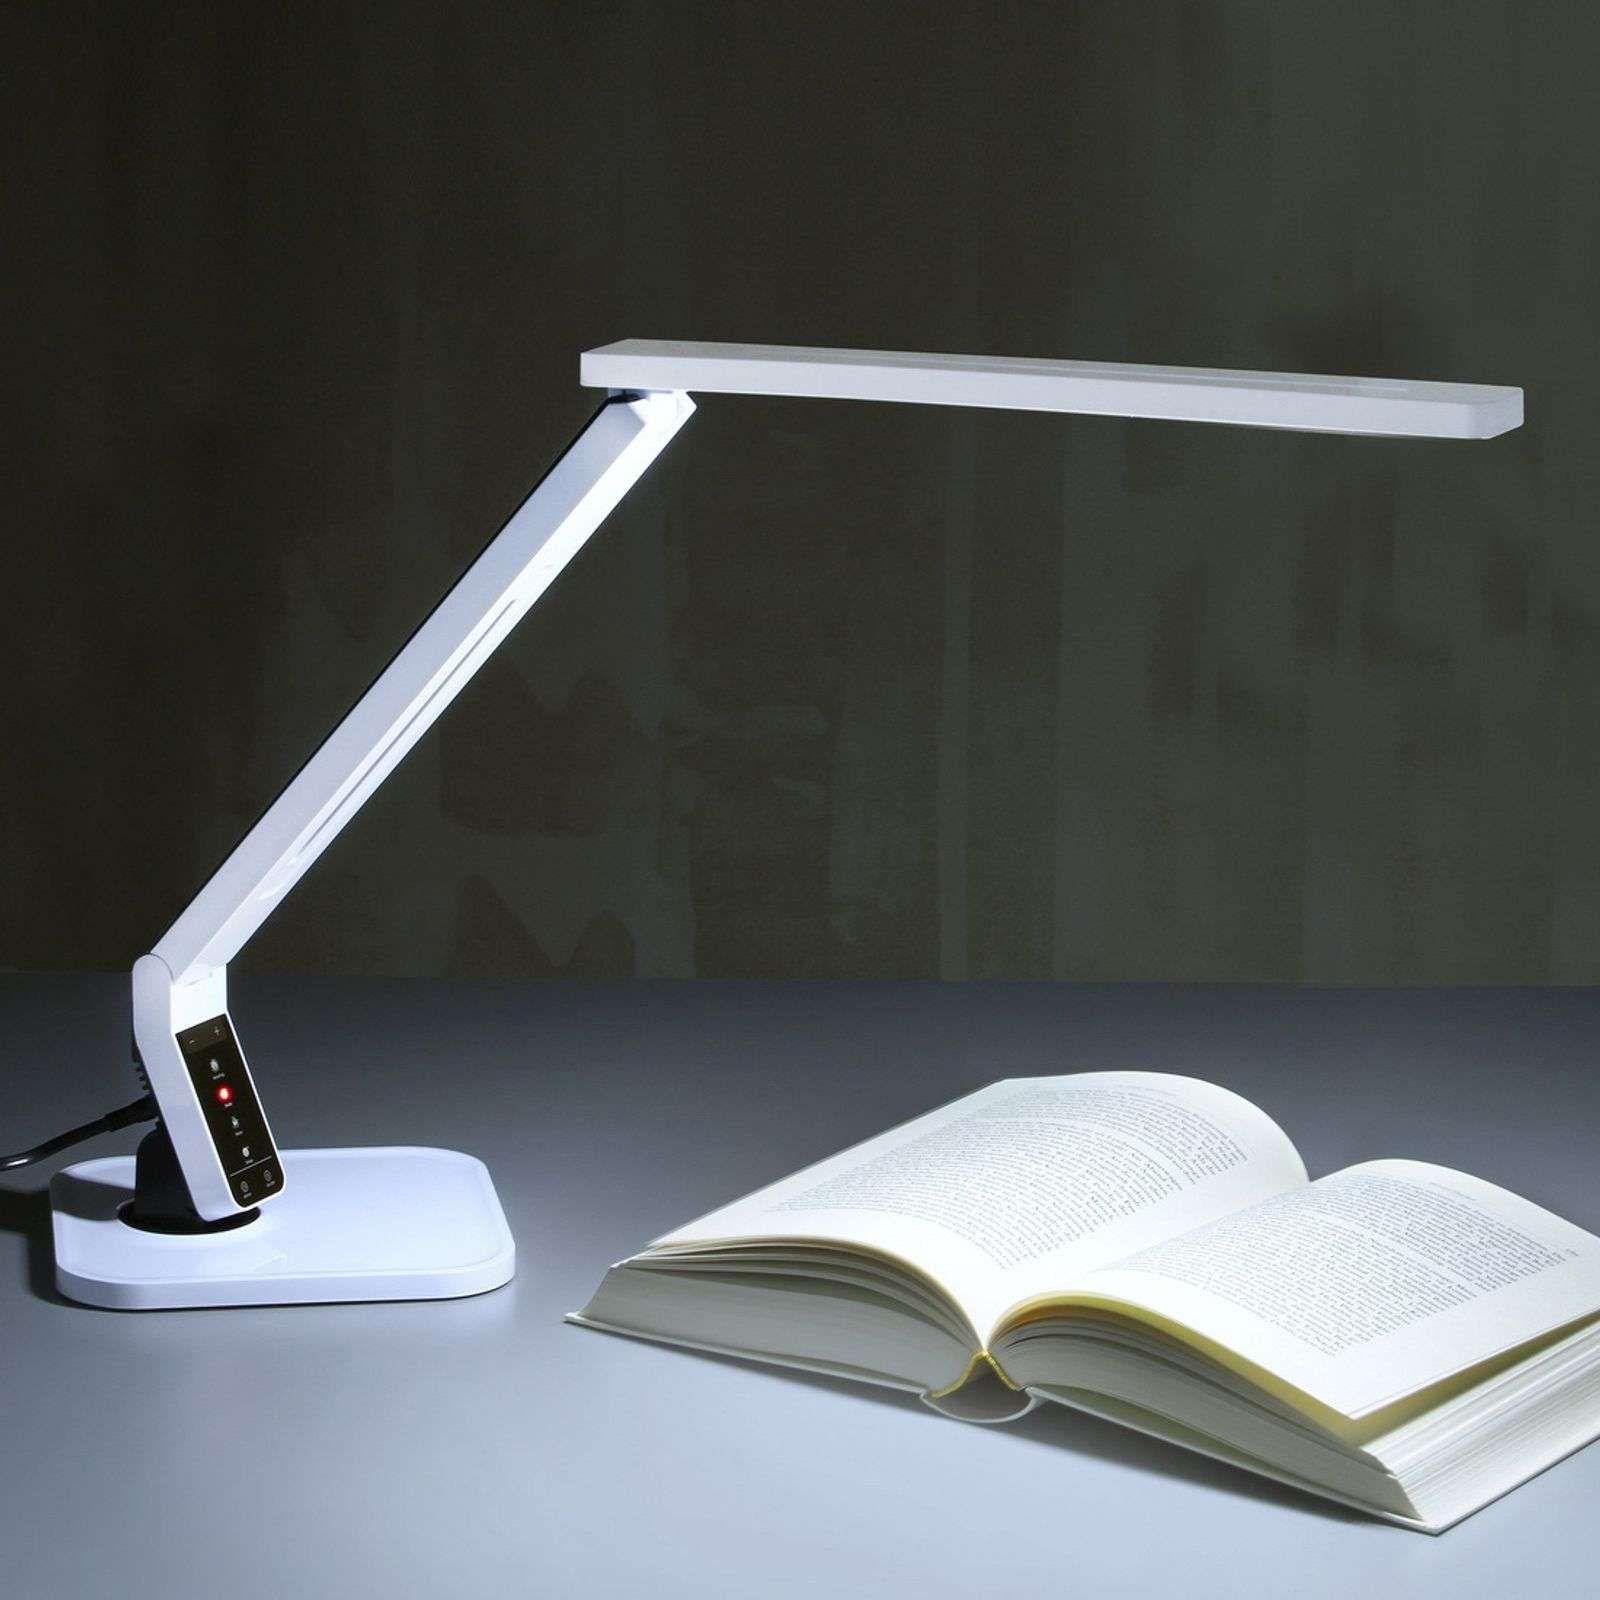 Lampe De Bureau Led Ultra Moderne Eleni Blanche En 2020 Lampe De Bureau Led Lampe De Bureau Led